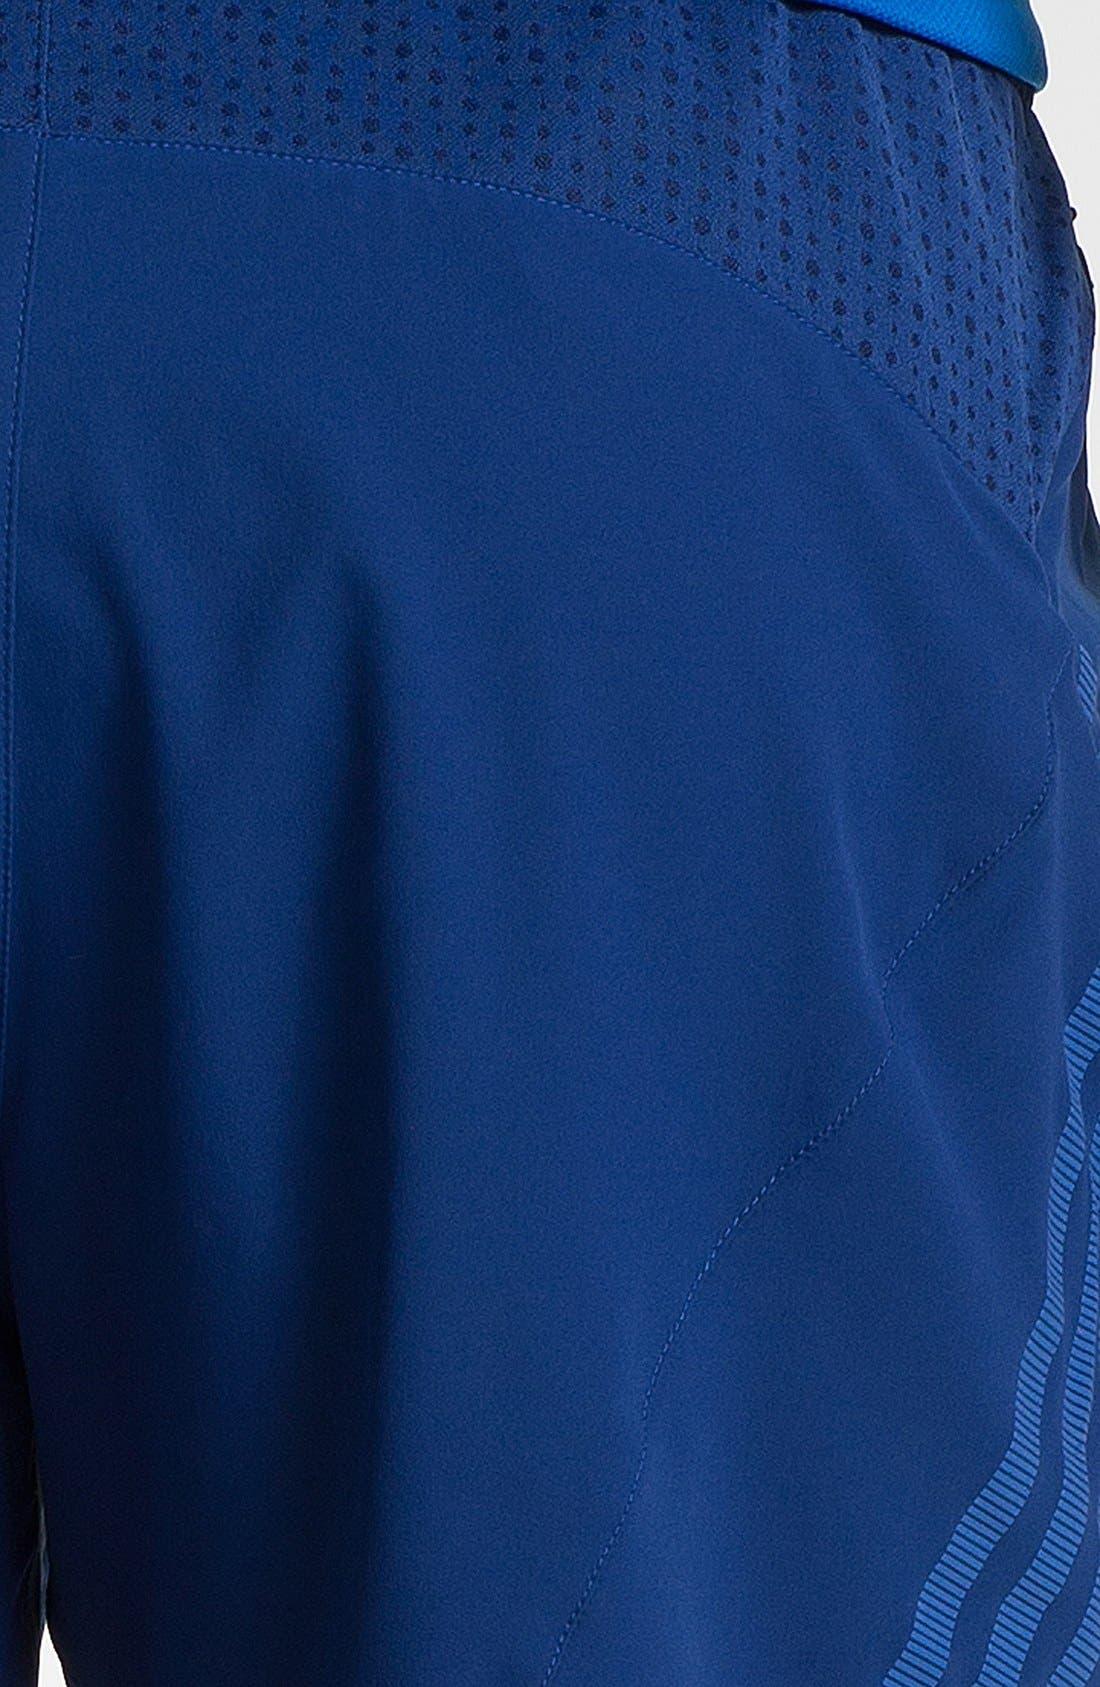 Alternate Image 3  - adidas 'Supernova' Shorts